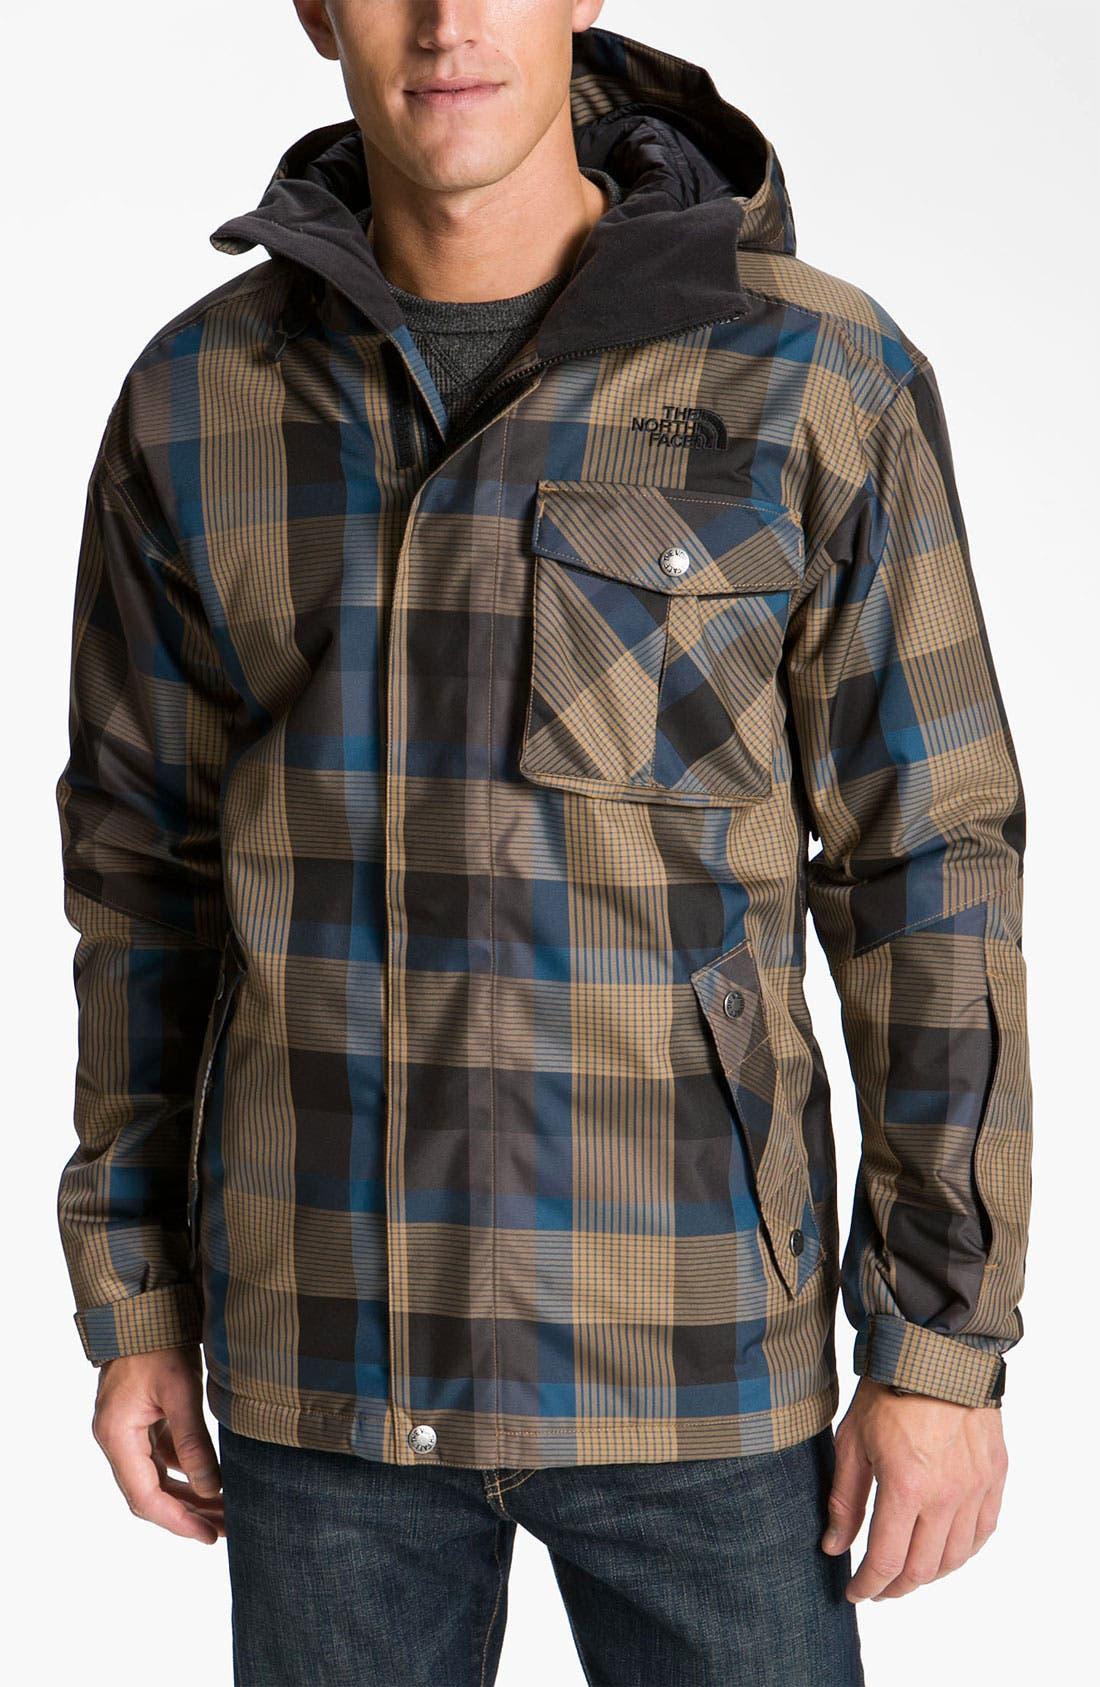 Main Image - The North Face 'Ballard' Jacket